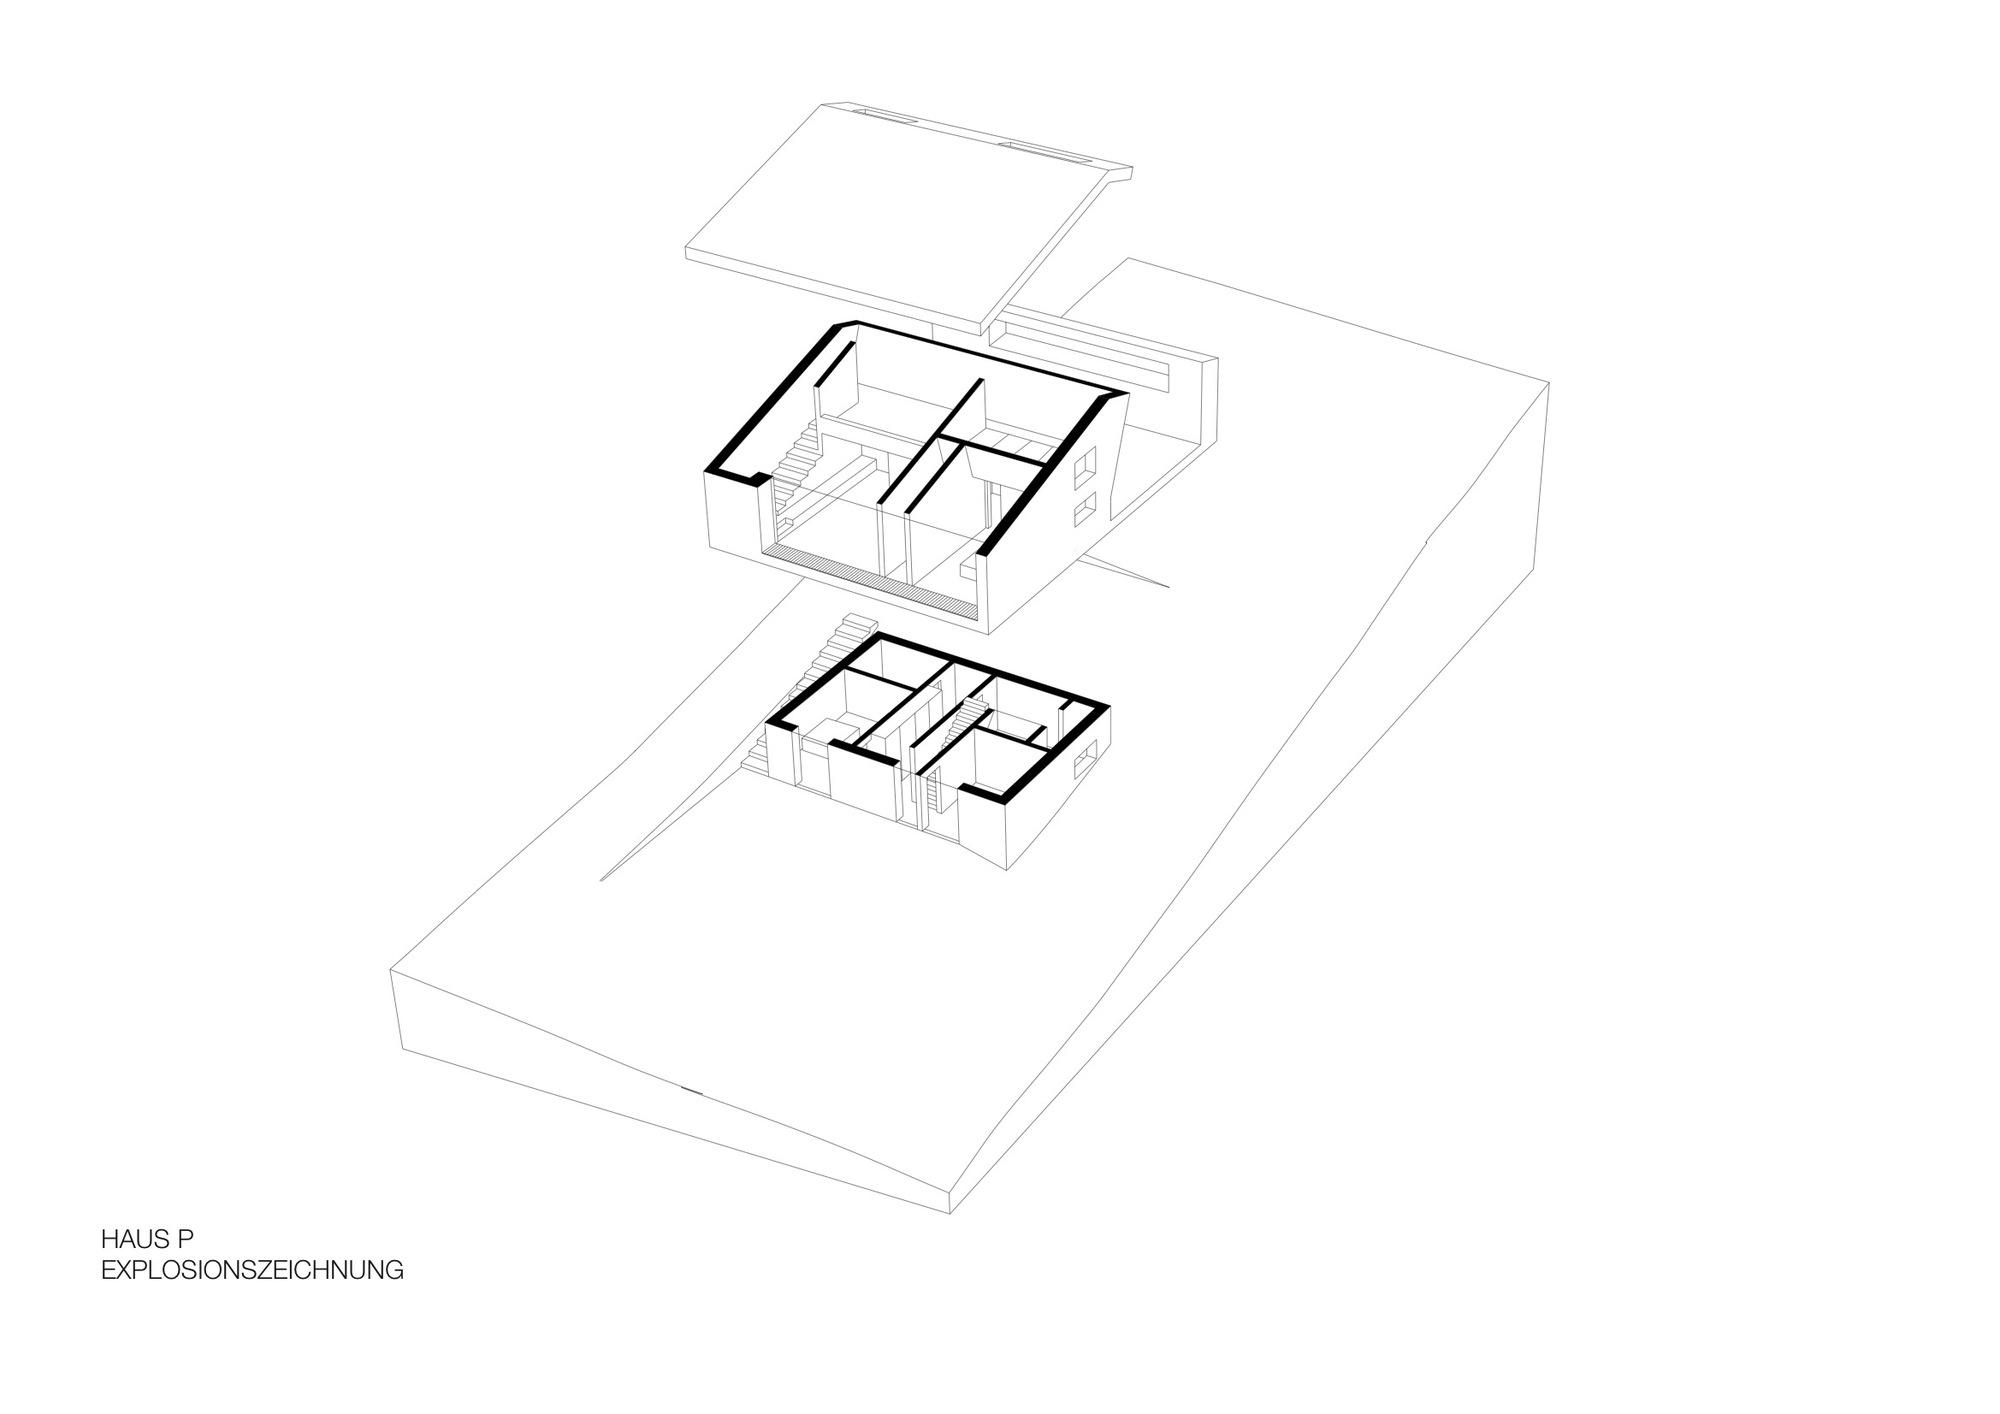 Gallery of house p yonder architektur und design 43 for Architektur und design